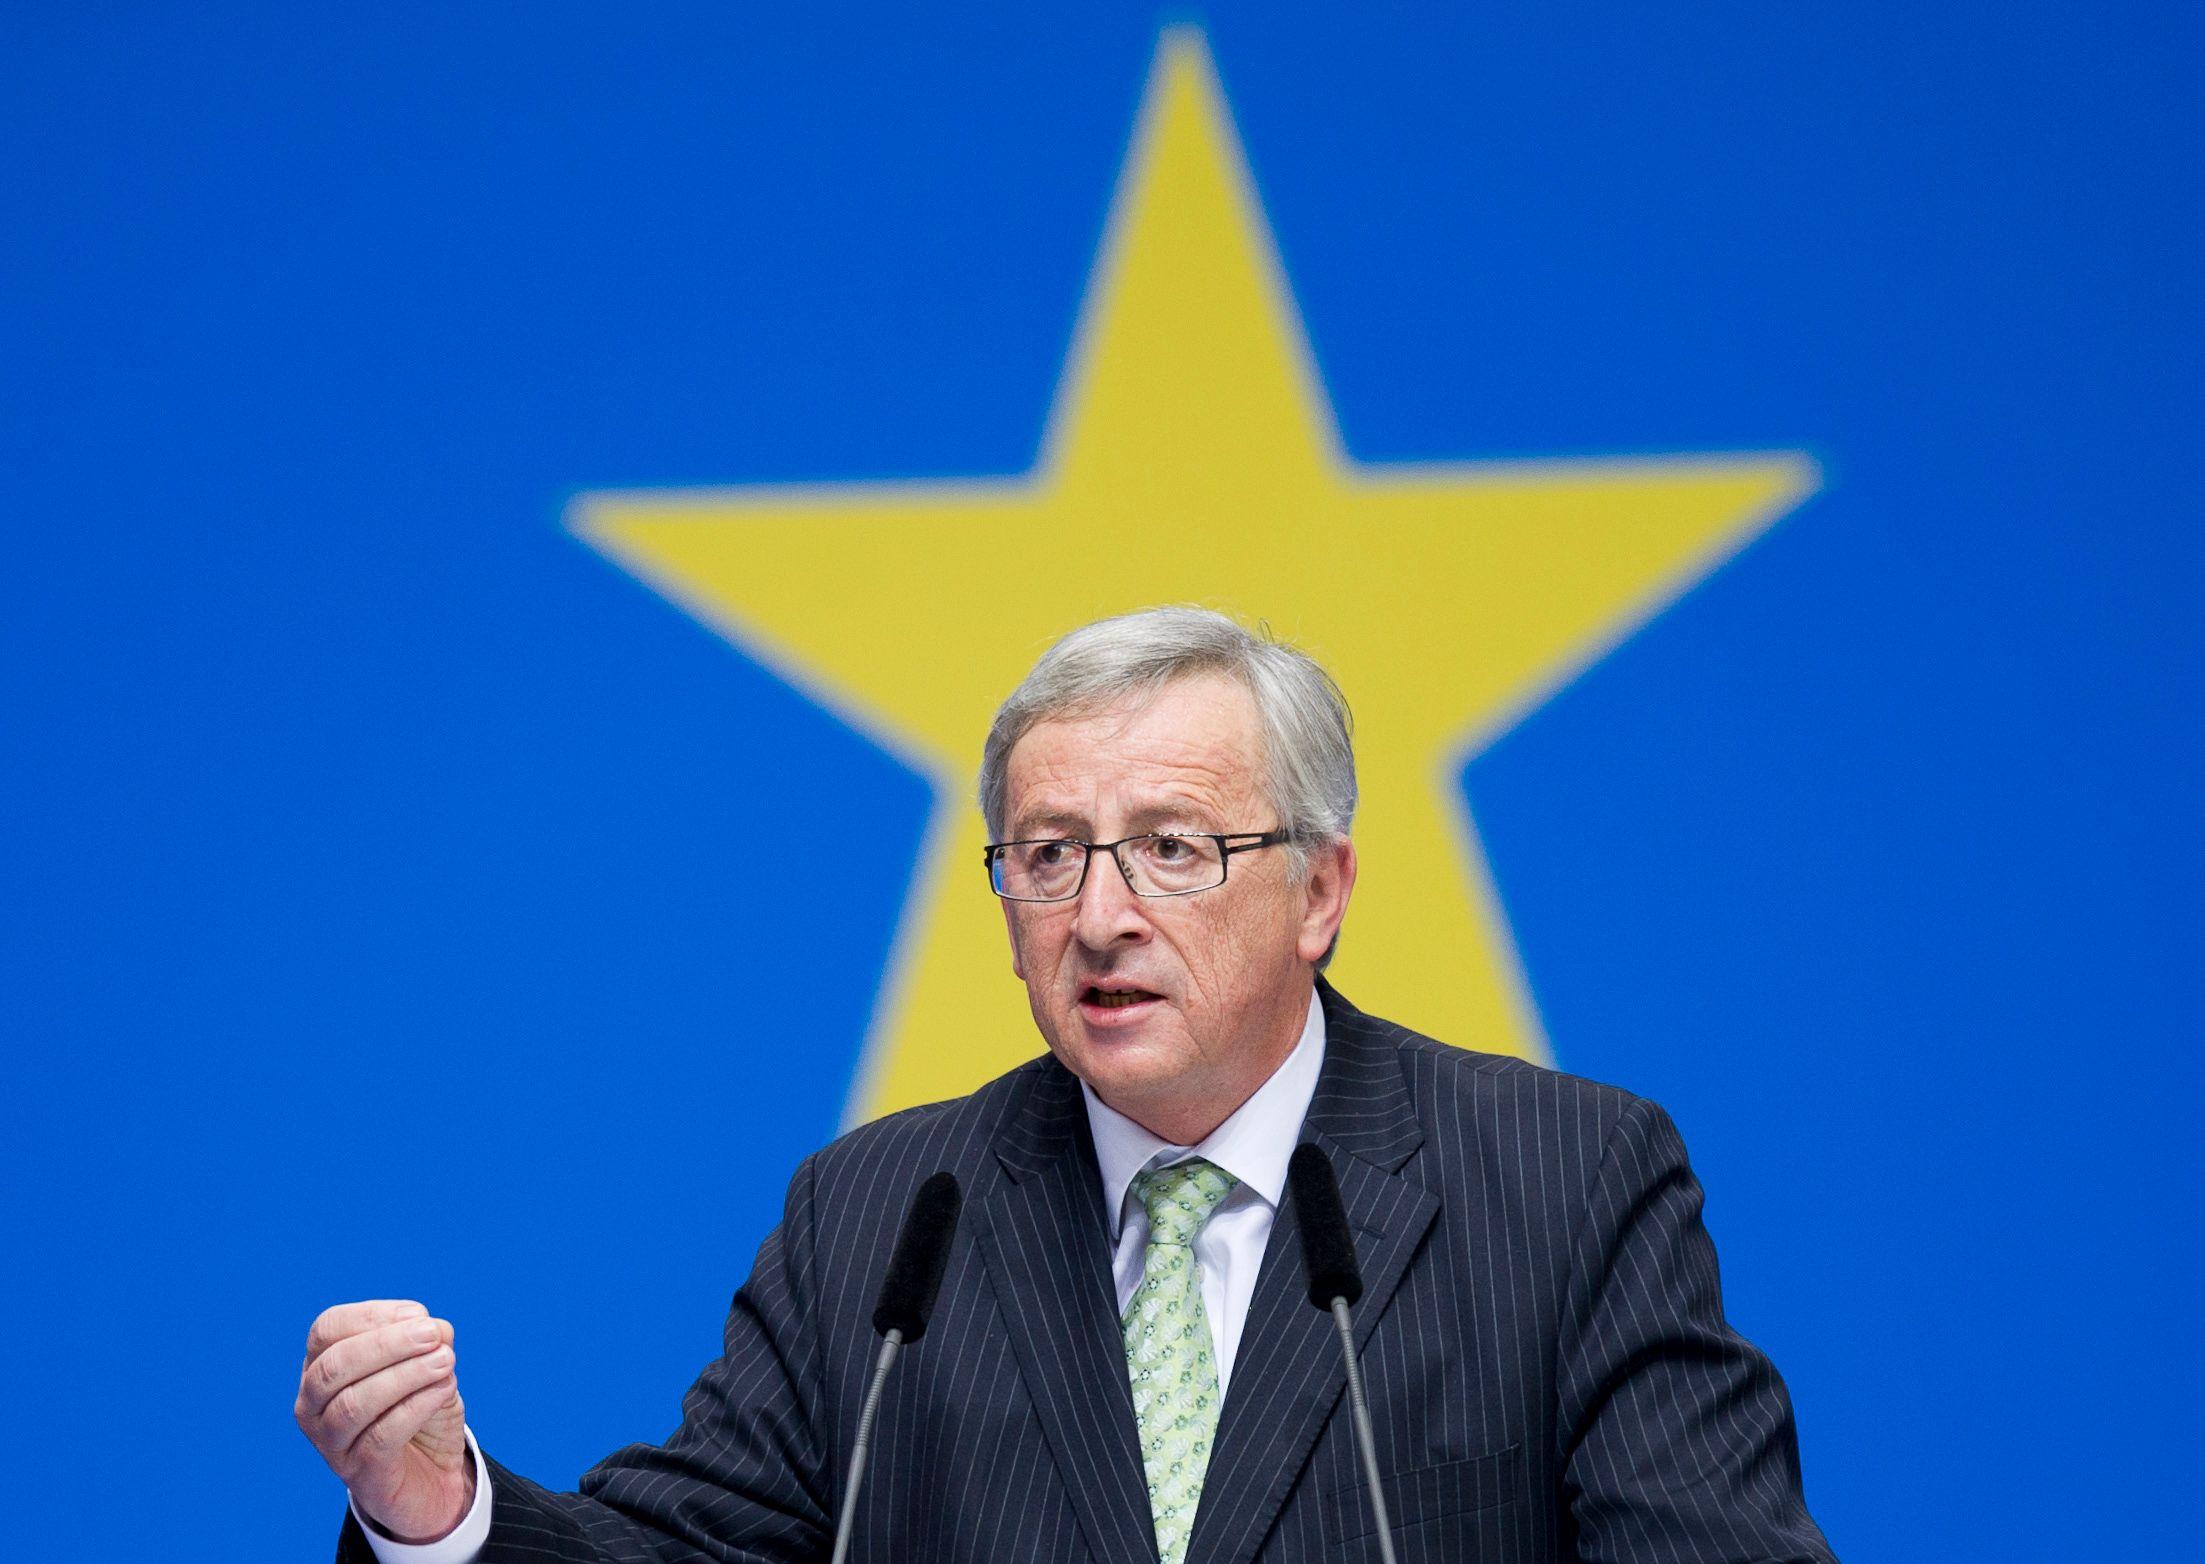 Folie furieuse ou calcul pertinent ? Ce que cache la déclaration de Juncker en faveur de l'adoption du traité UE-Canada sans consultation des parlements nationaux